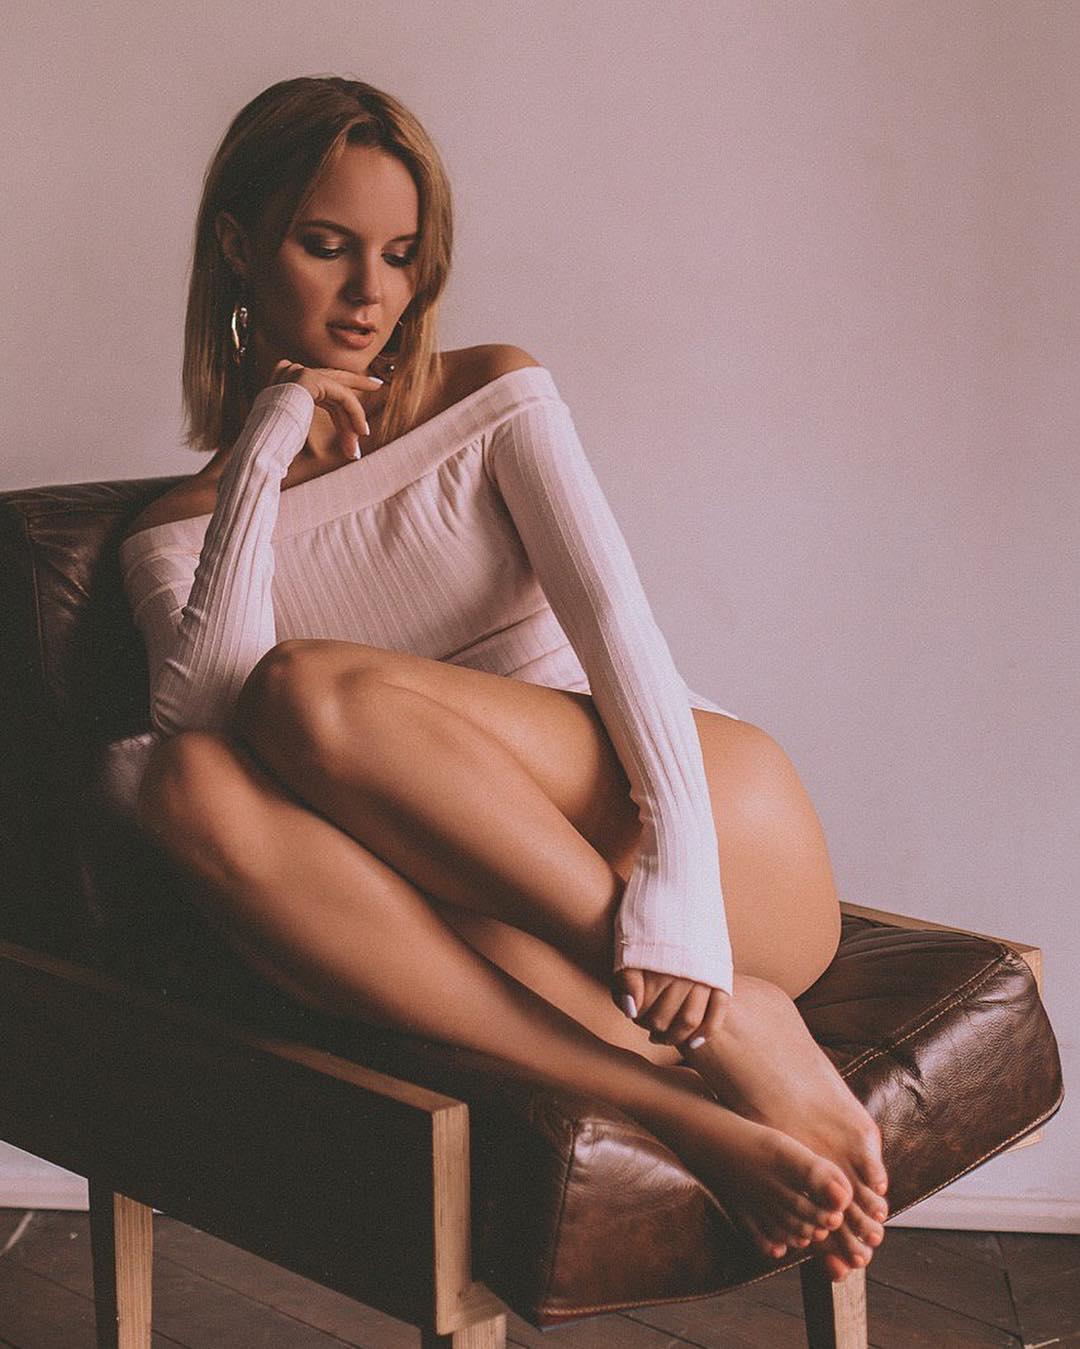 Татьяна Минглимова (Нежный редактор) с голыми ножками